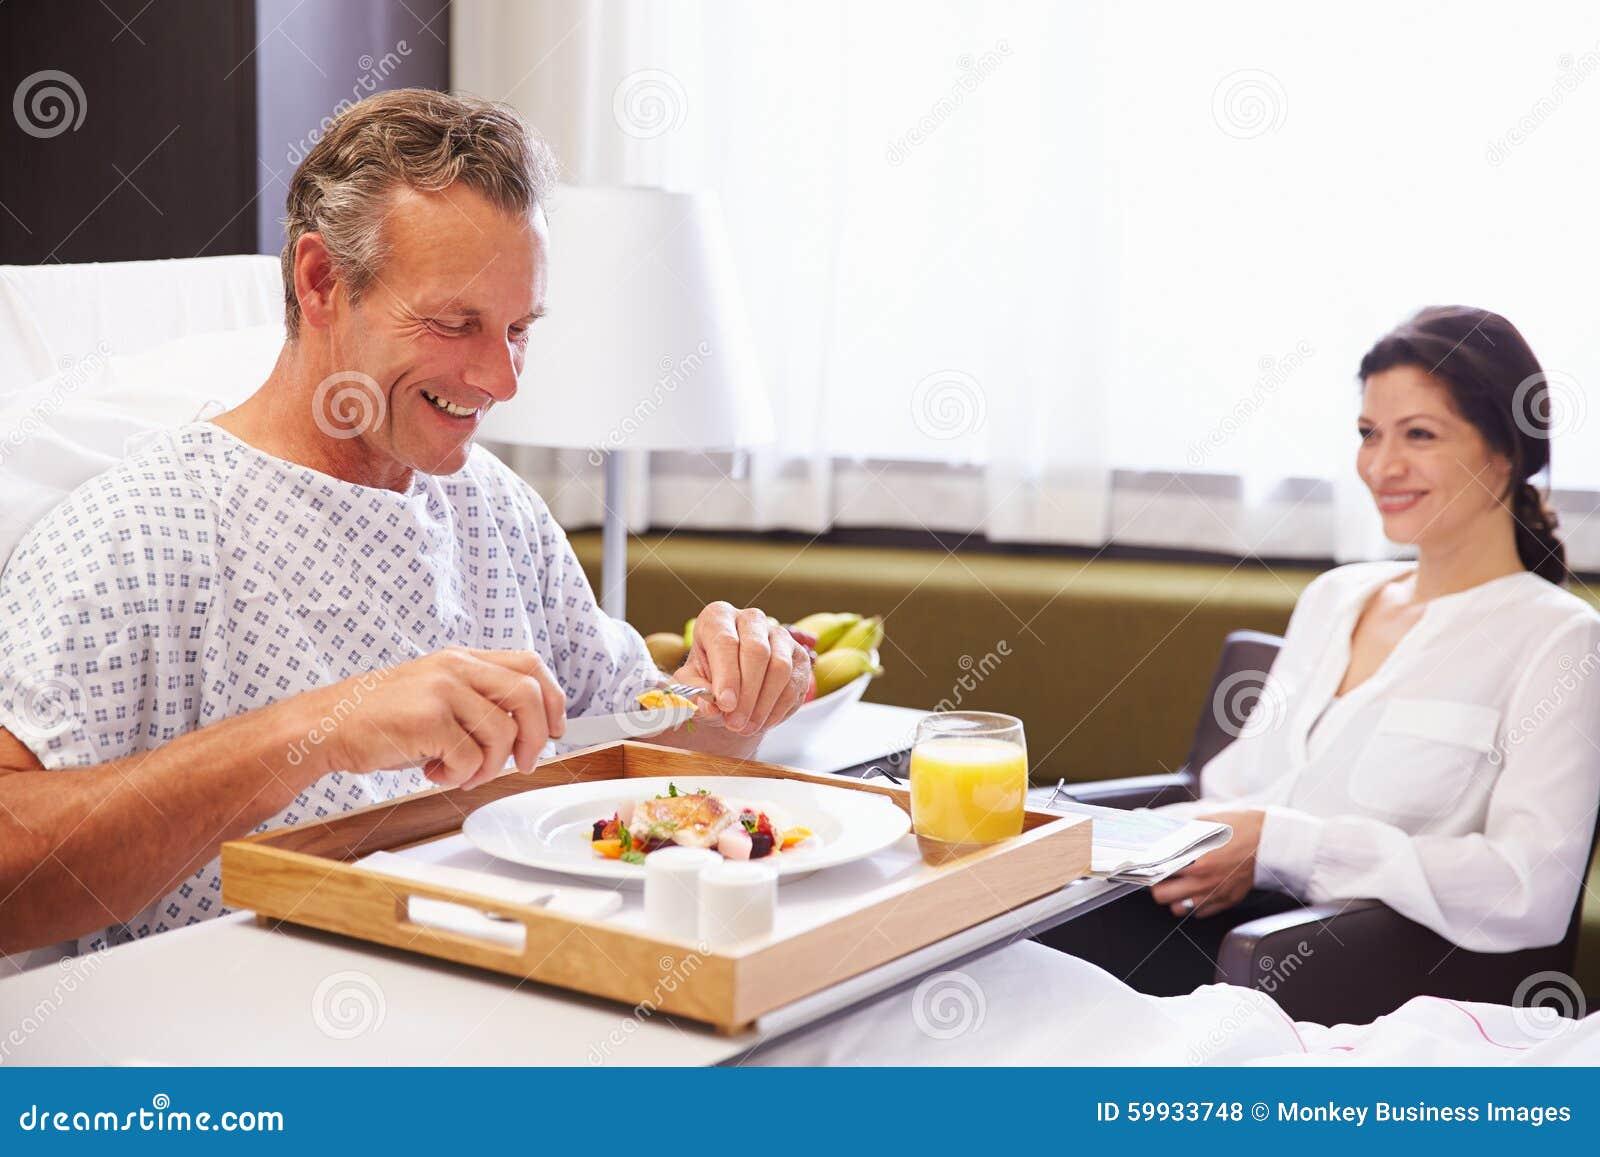 Manlig patient i sjukhussäng som äter mål från magasinet